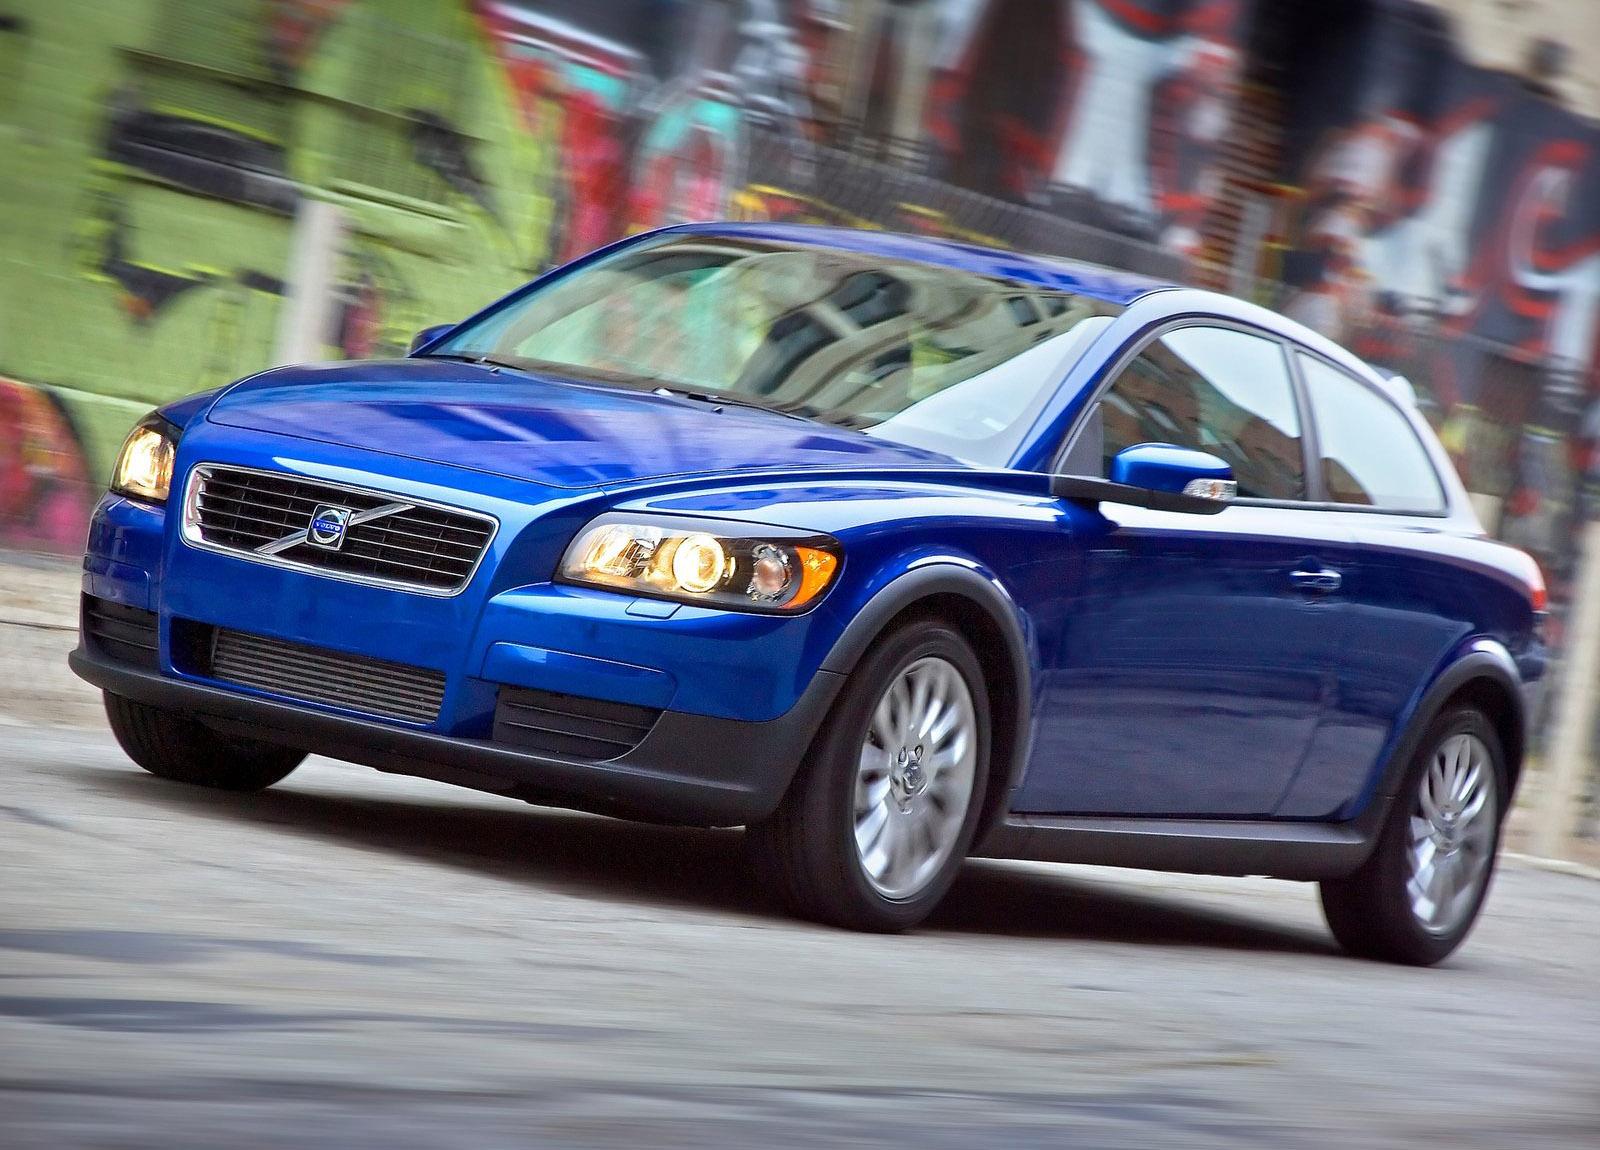 Volvo C30 photo #1